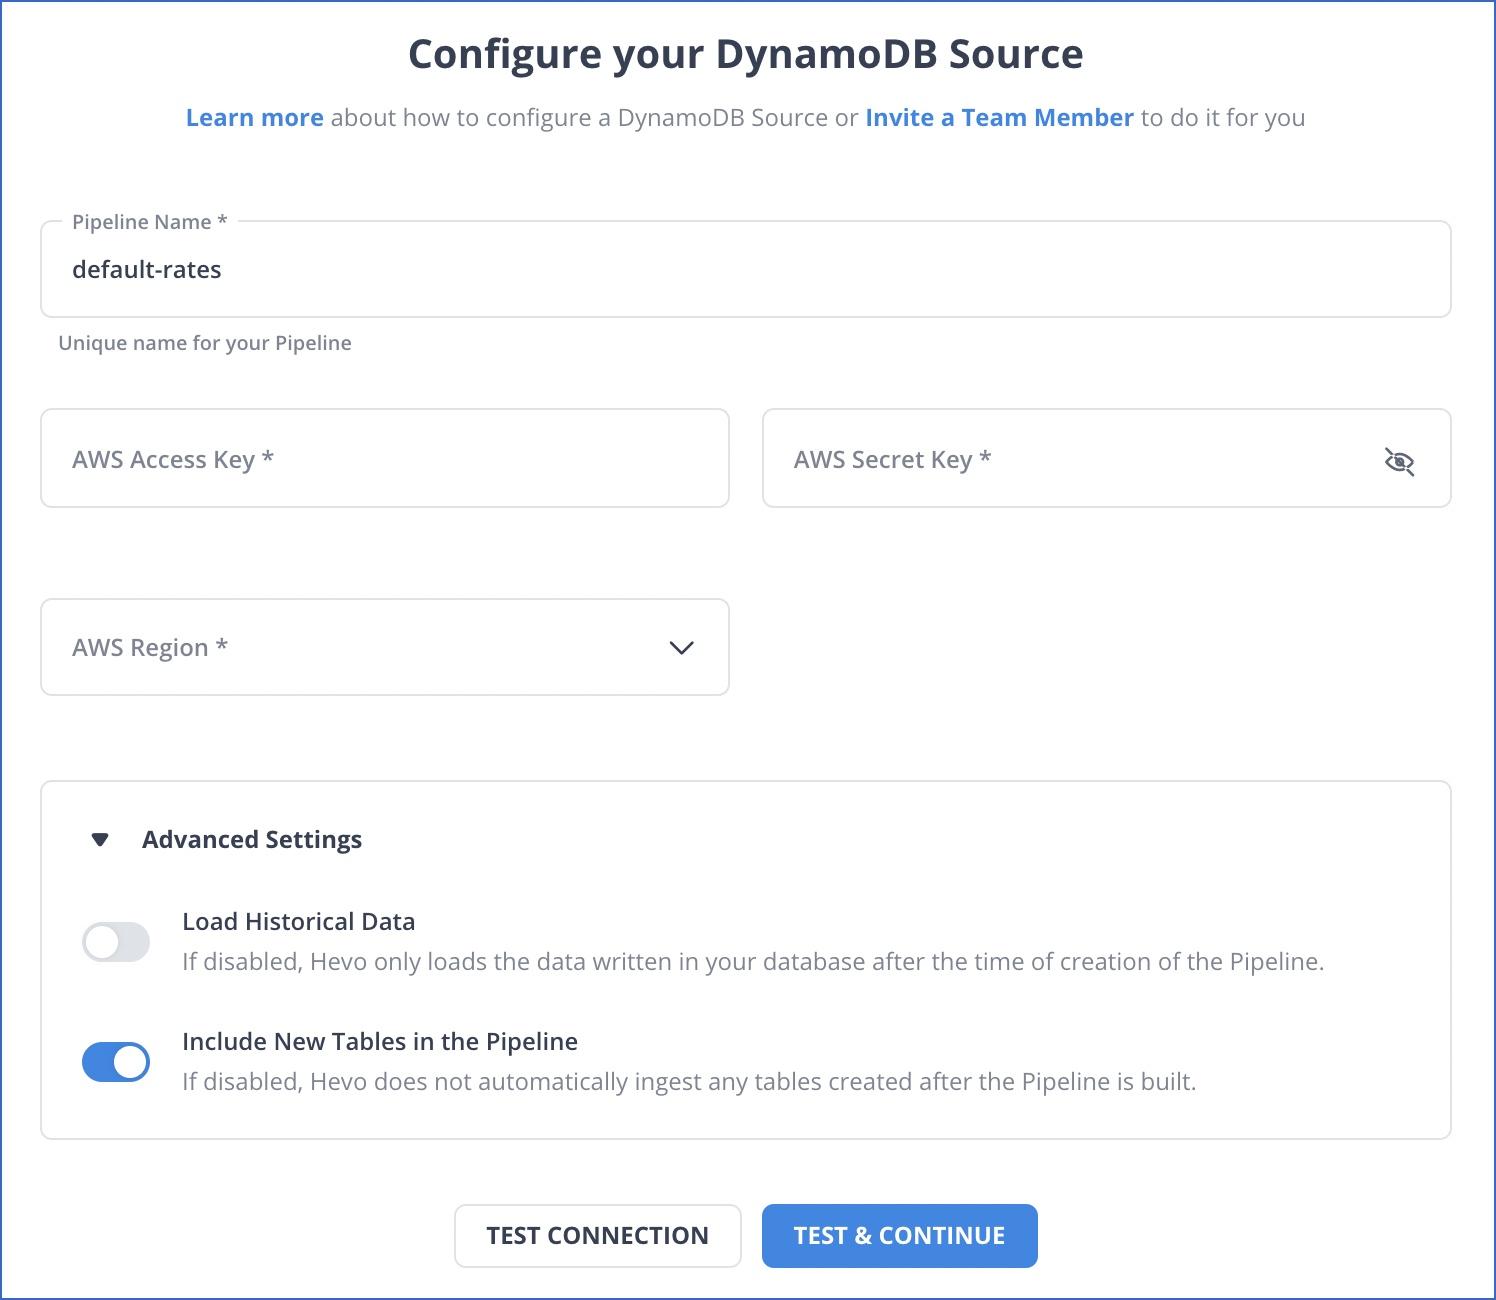 DynamoDB settings